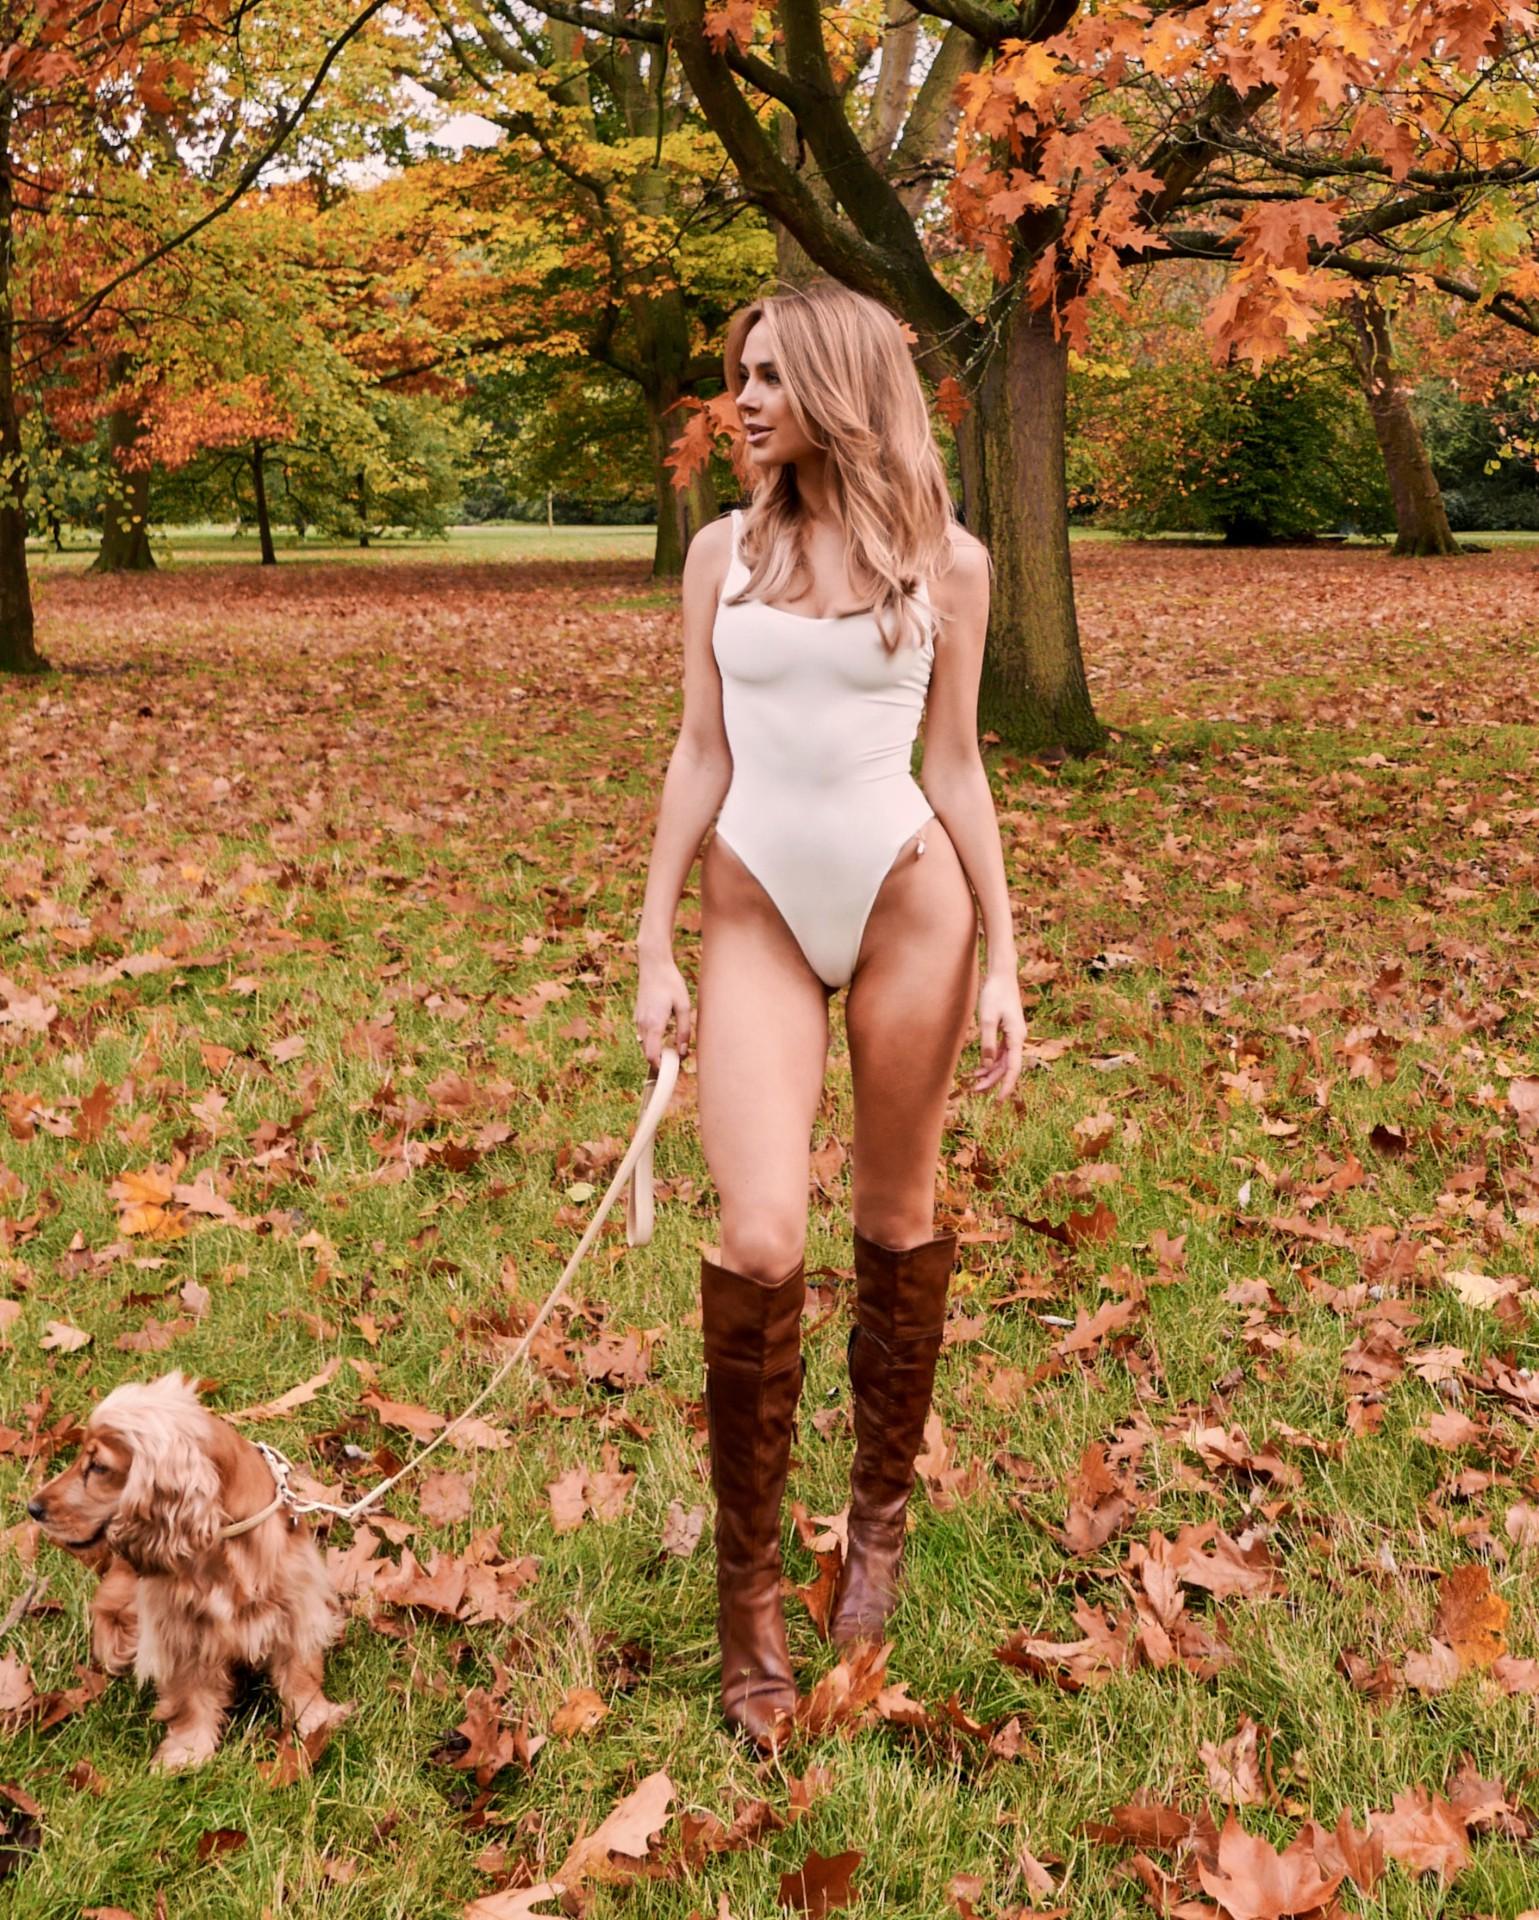 Kimberley Garner White Swimsuit In Park